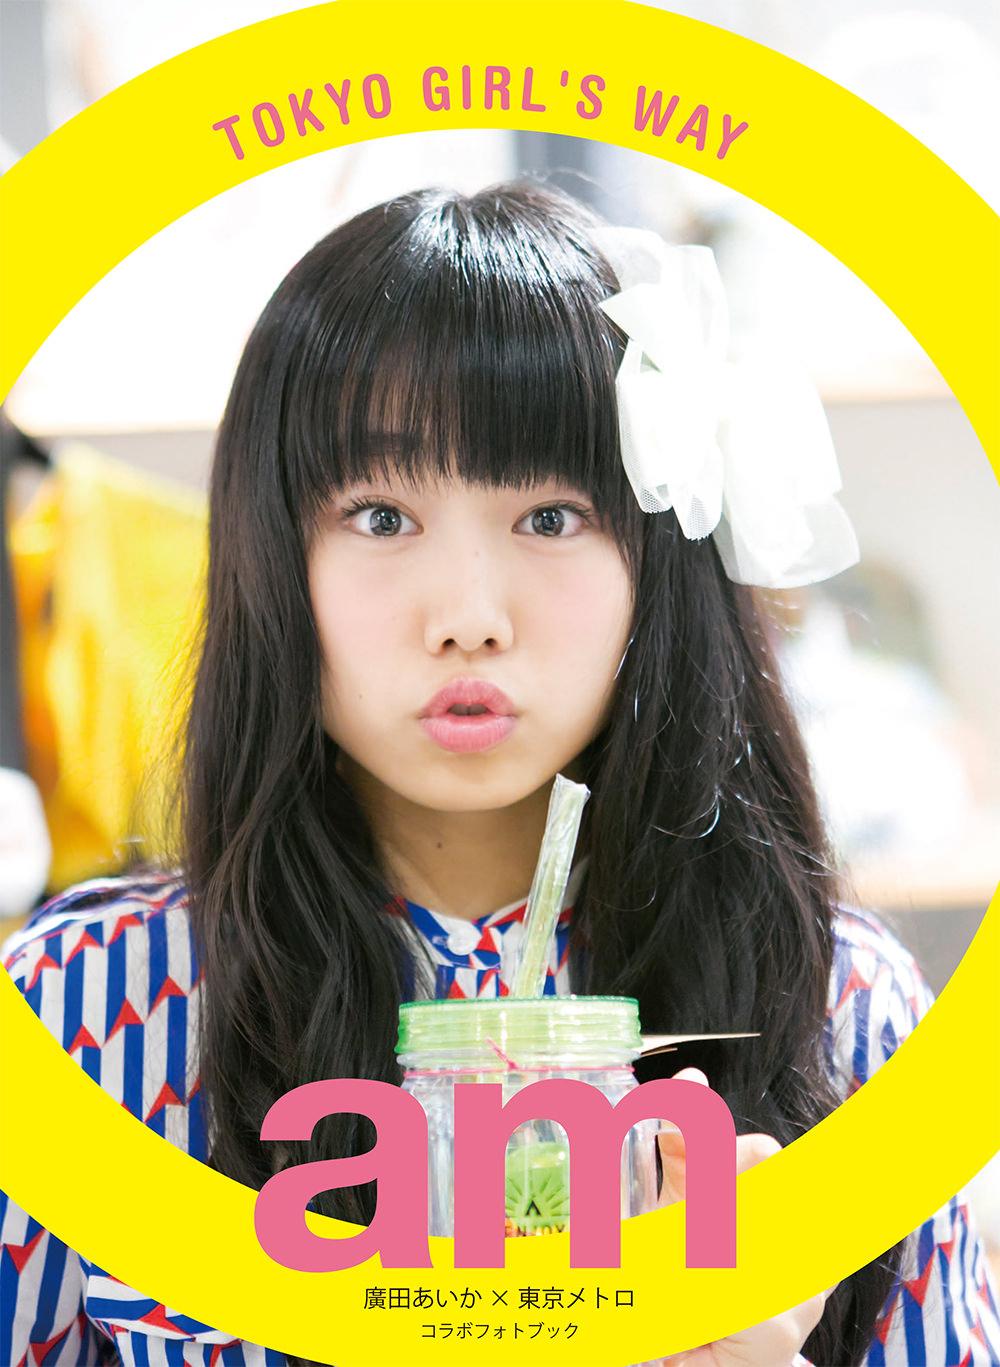 エビ中・廣田あいか×東京メトロのコラボフォトブック「am Tokyo Girls Way」